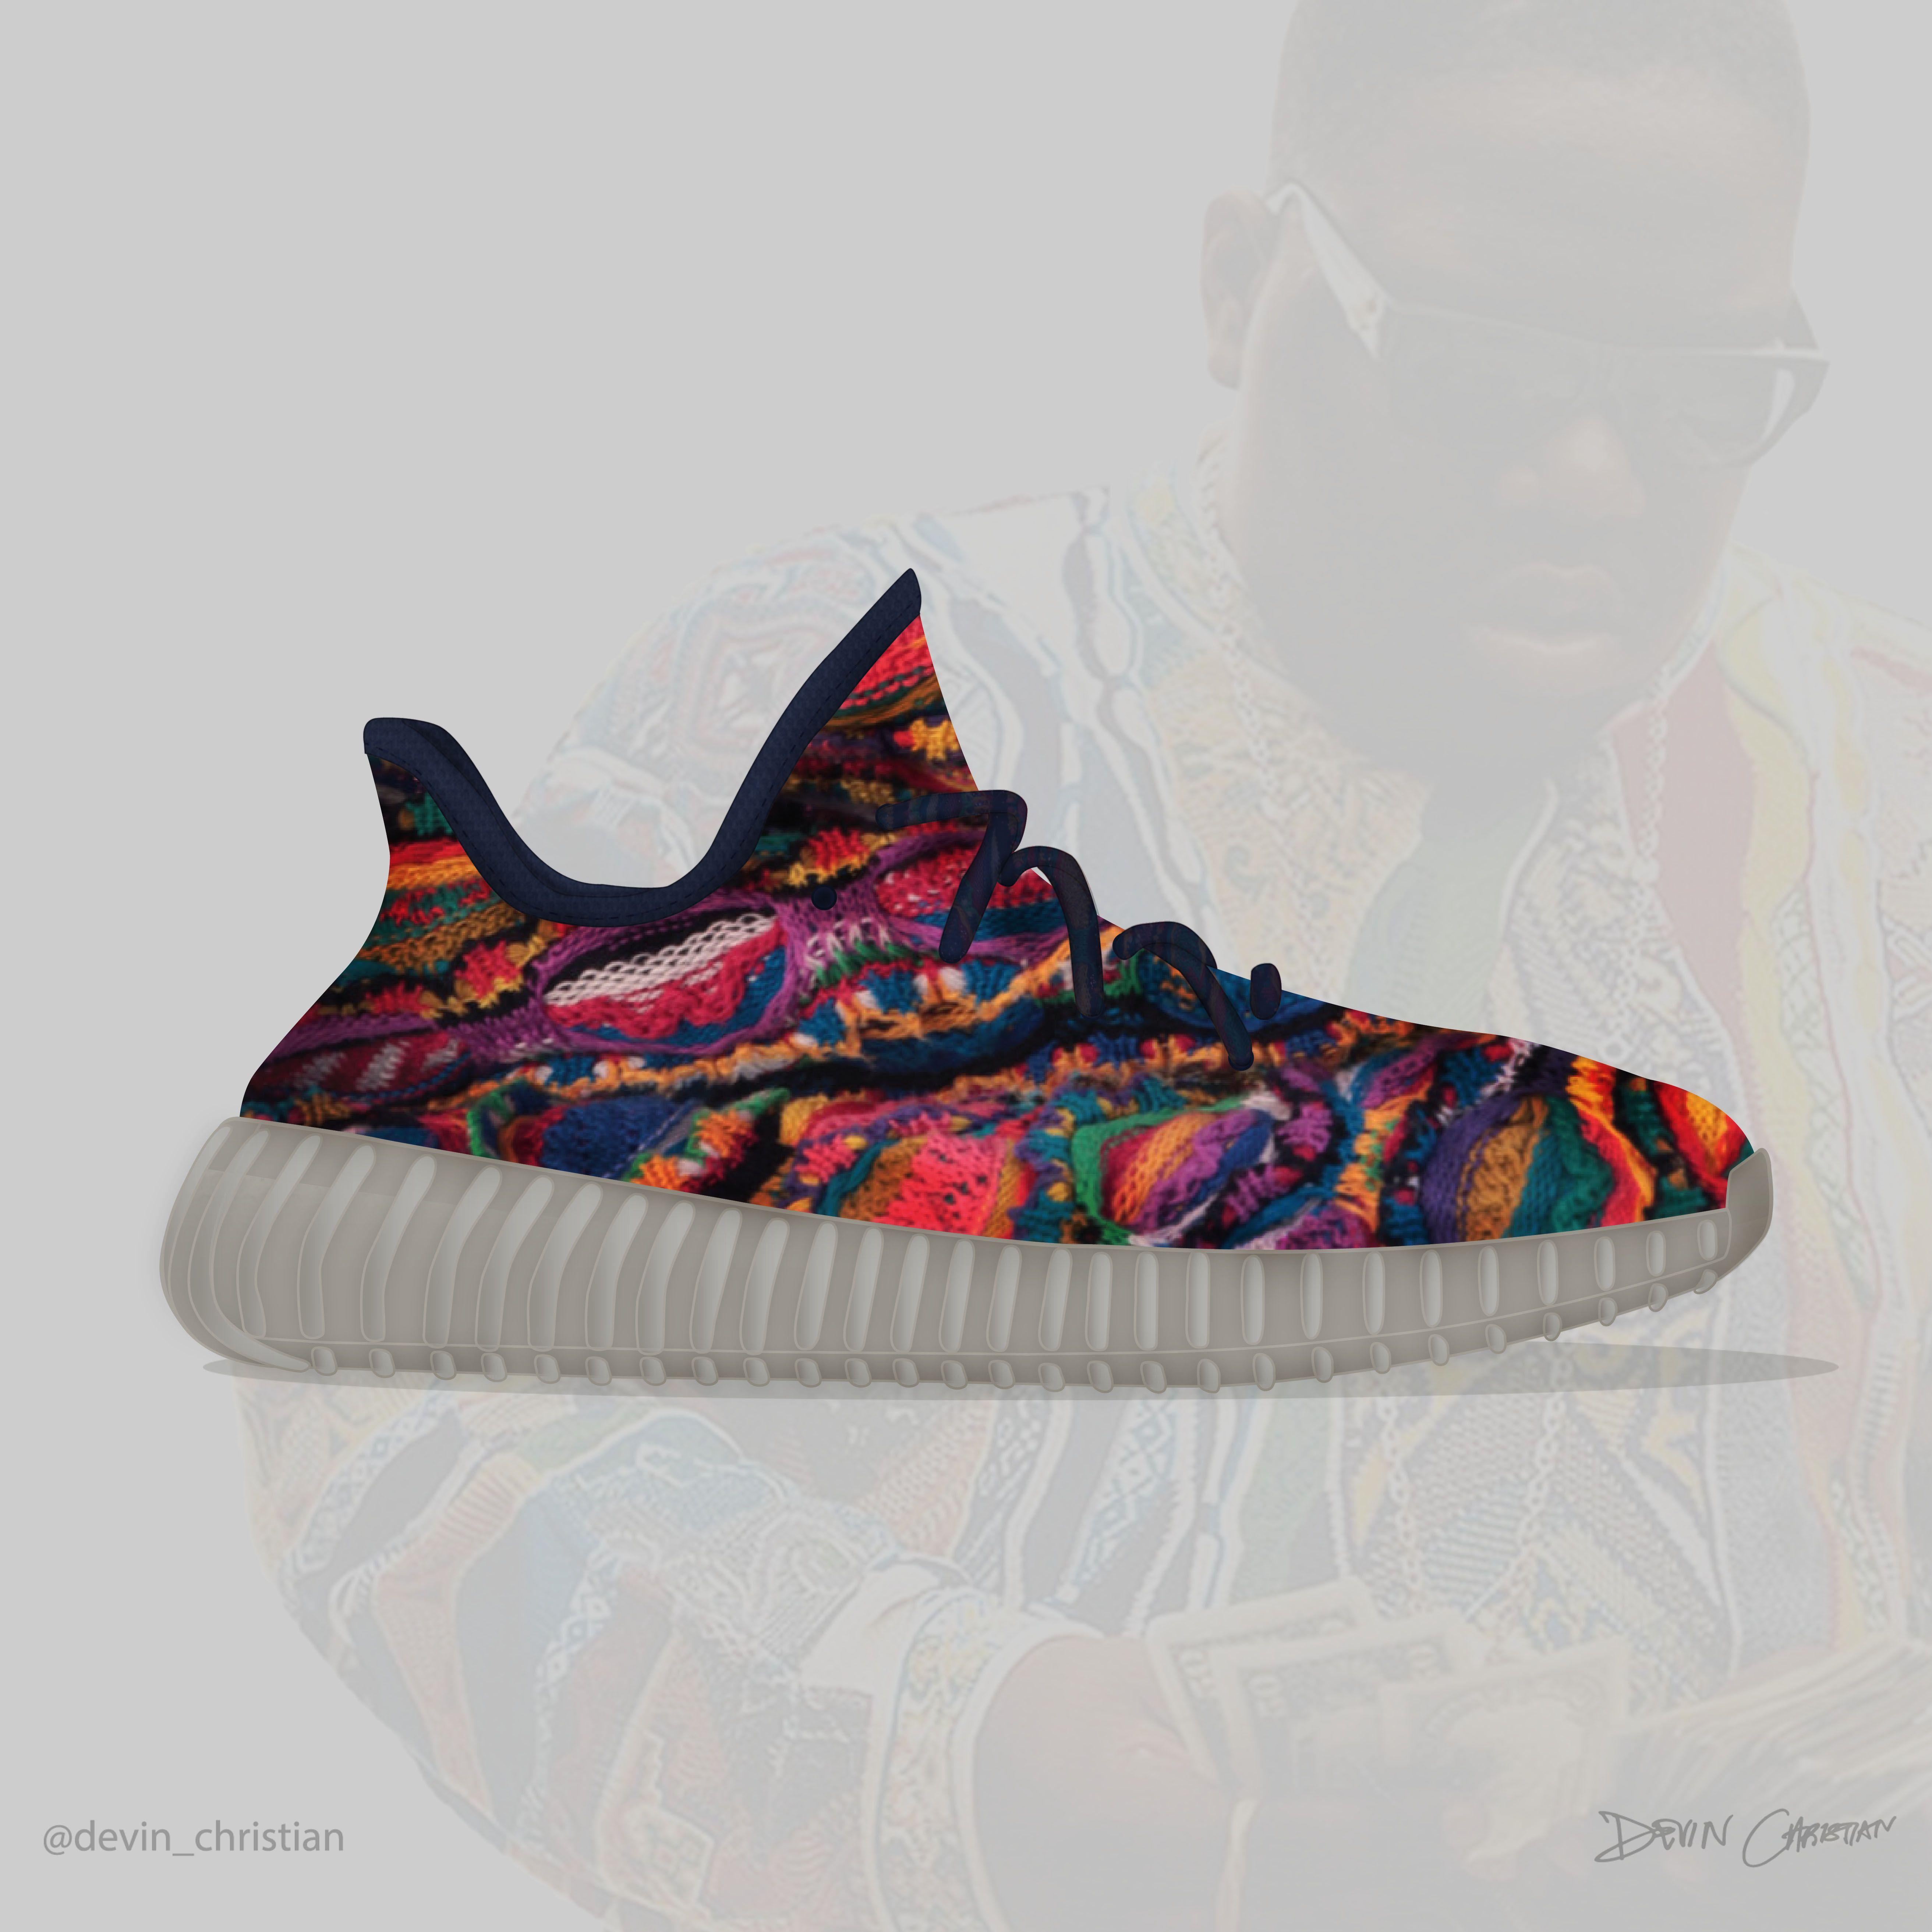 coogi x adidas yeezy impulso 350 v2 nike scarpe pinterest